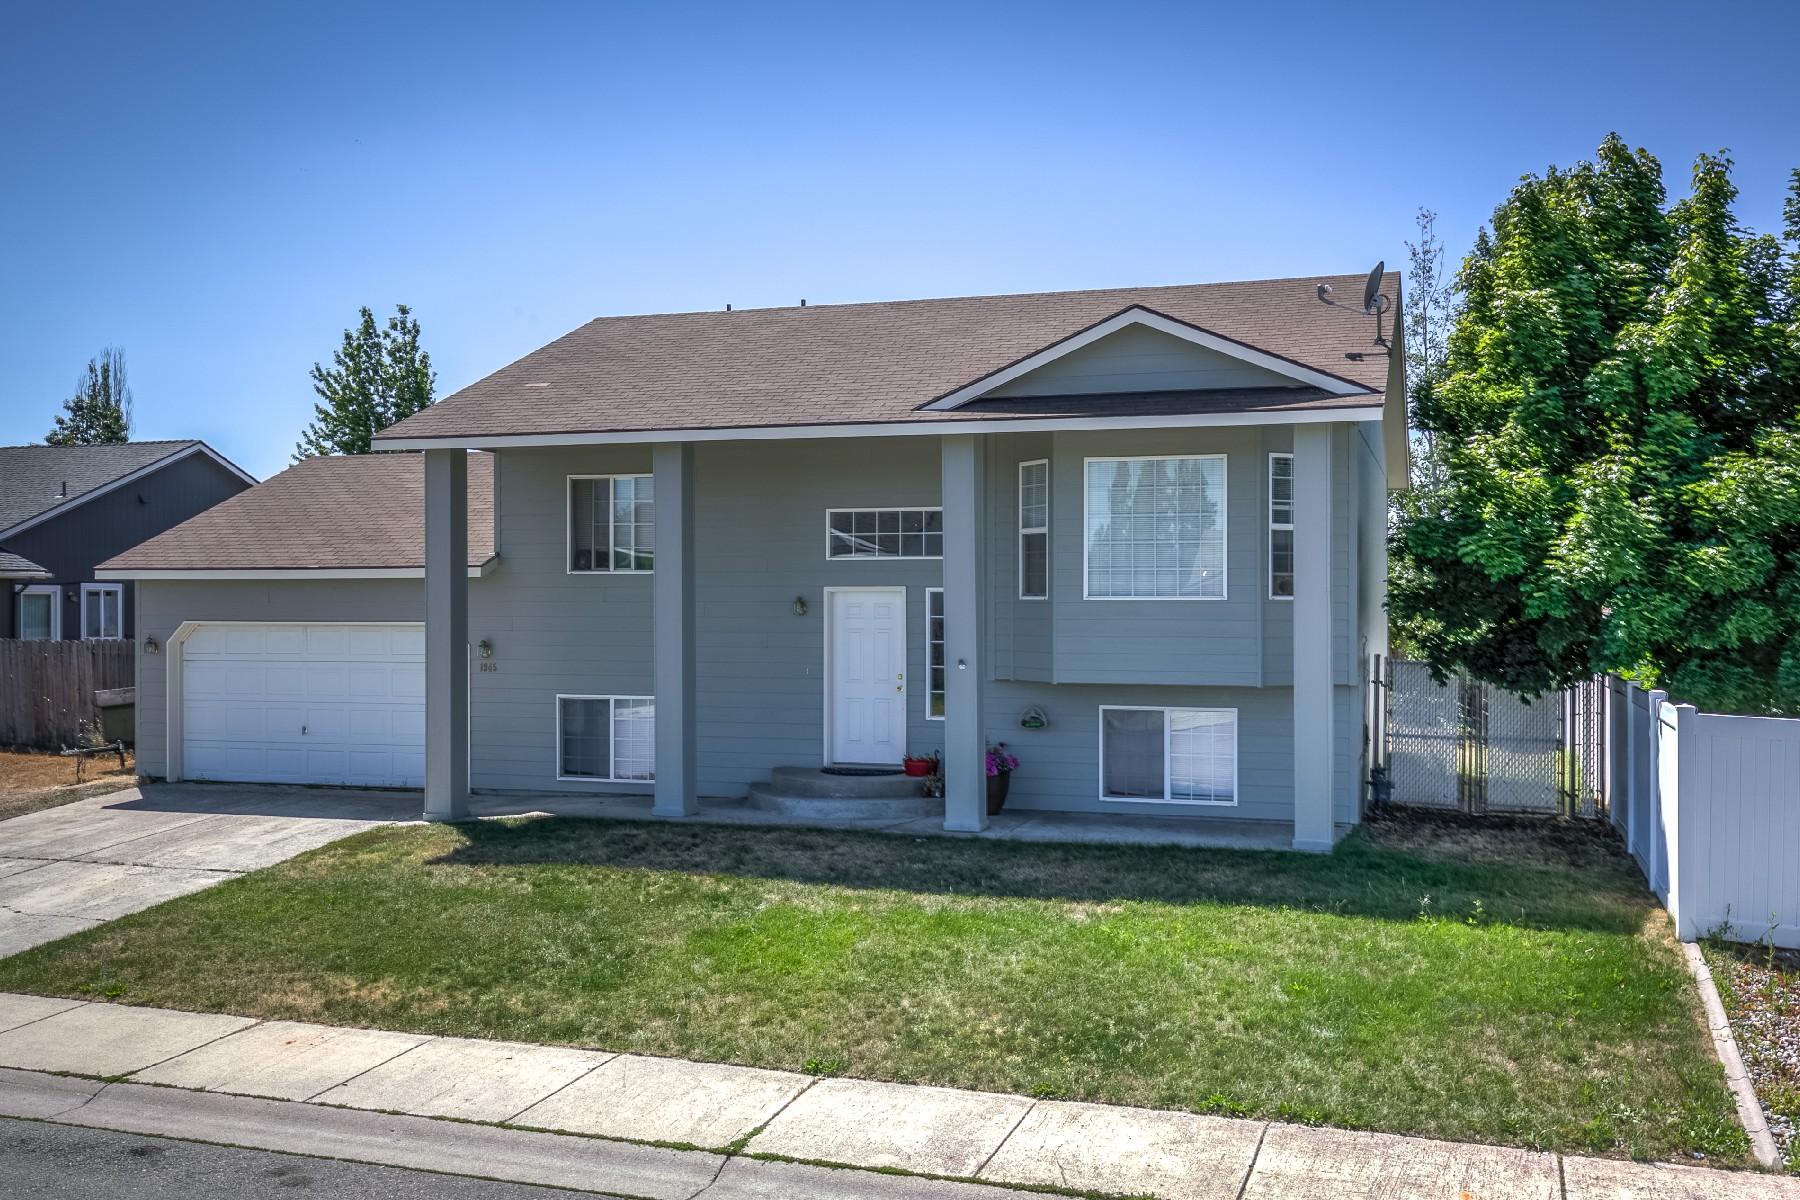 Maison unifamiliale pour l Vente à Colonial split level home with lovely curb appeal 1945 N Stagecoach Post Falls, Idaho, 83854 États-Unis